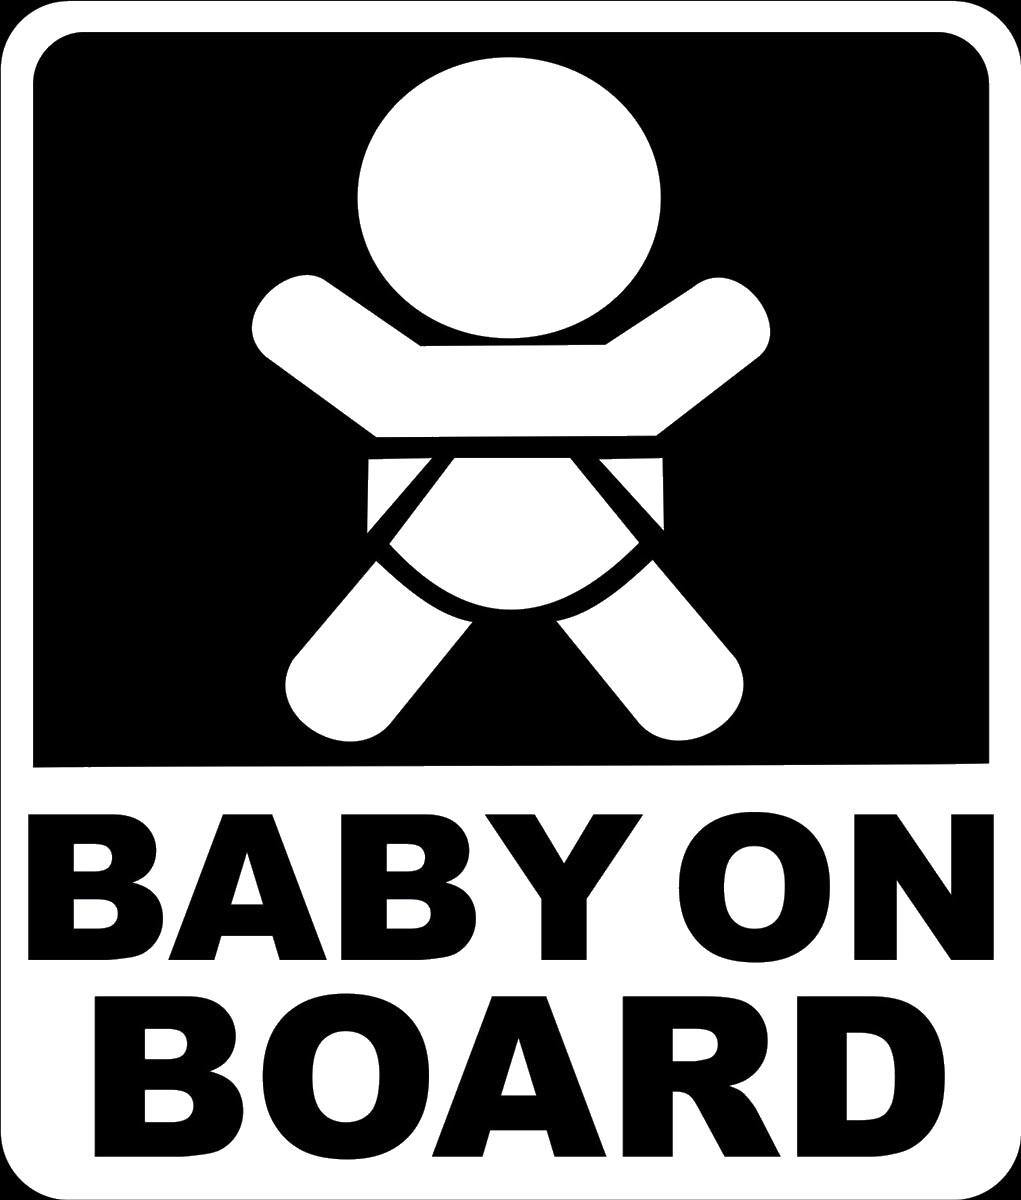 Наклейка автомобильная Оранжевый слоник Baby on Board. Квадрат, виниловая, цвет: белыйDW90Оригинальная наклейка Оранжевый слоник Baby on Board. Квадрат изготовлена из долговечного винила, который выполняет не только декоративную функцию, но и защищает кузов от небольших механических повреждений, либо скрывает уже существующие.Виниловые наклейки на авто - это не только красиво, но еще и быстро! Всего за несколько минут вы можете полностью преобразить свой автомобиль, сделать его ярким, необычным, особенным и неповторимым!